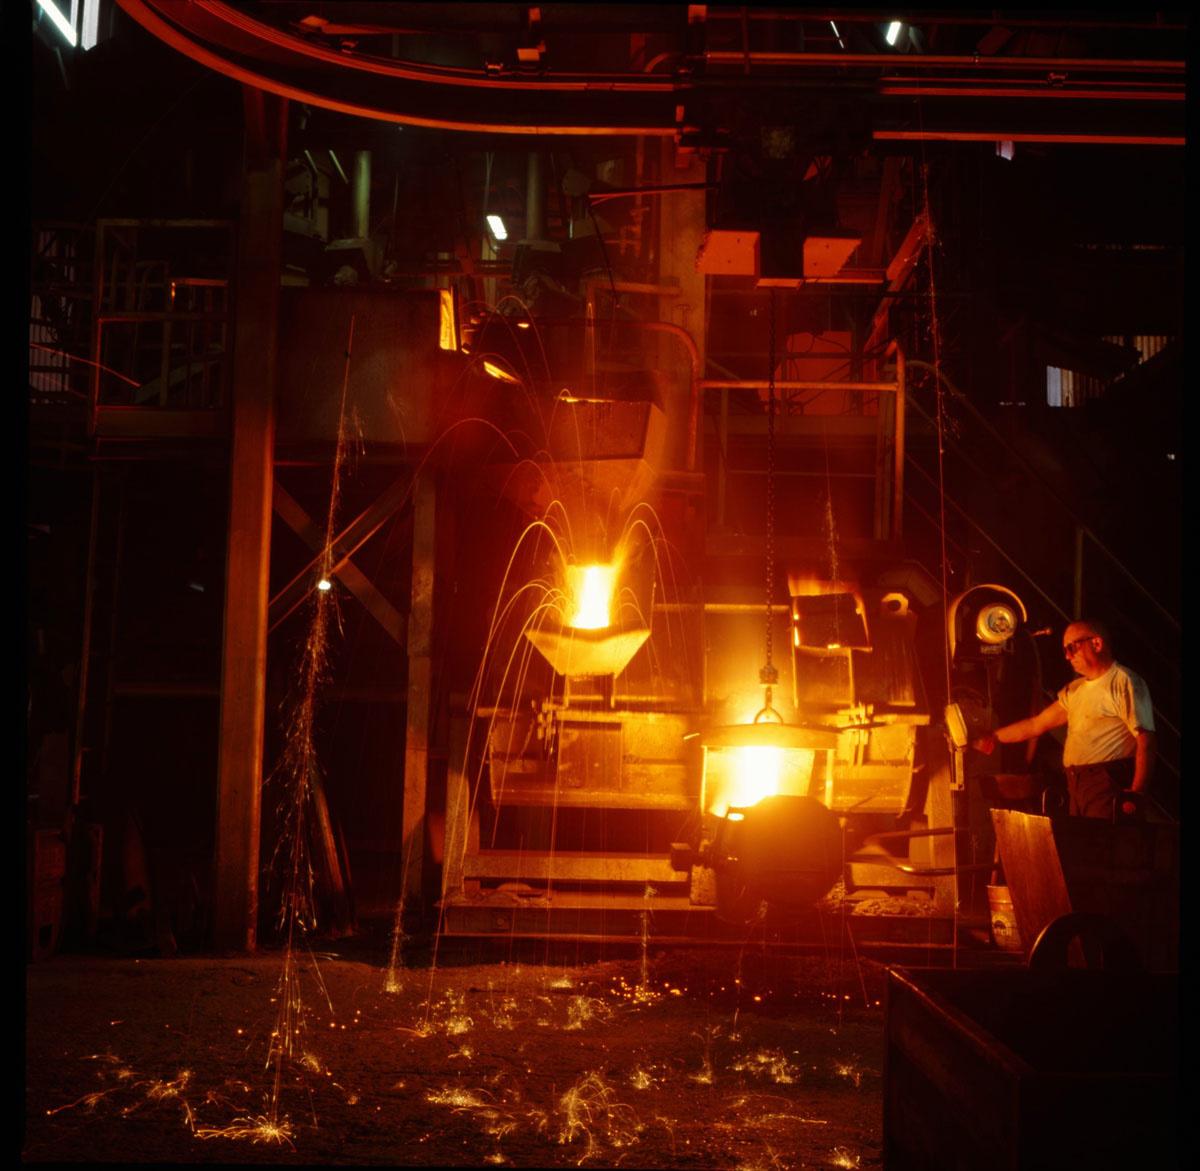 La photographie montre une coulée de fonte dans l'usine Godin SA.